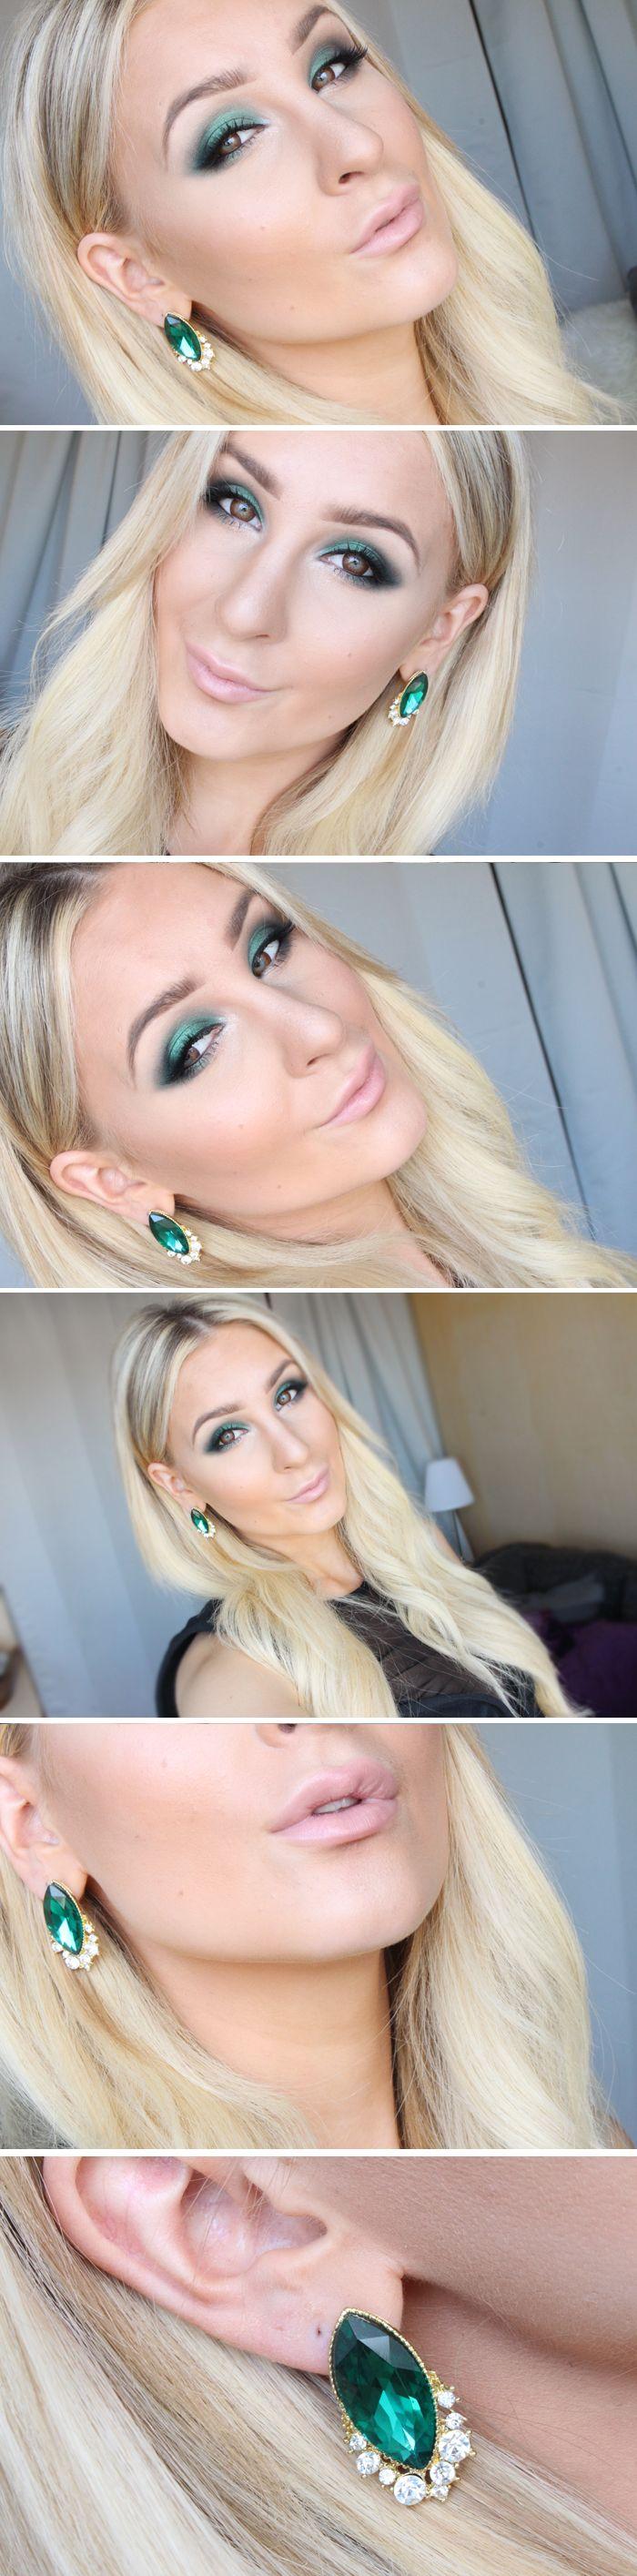 Helen Torsgården – Hiilens sminkblogg | Sveriges bästa sminkblogg med fantastiska sminkningar, inspiration, tutorials, sminkvideoklipp, produkttester och allt om nyheterna på smink- och skönhetshimlen.